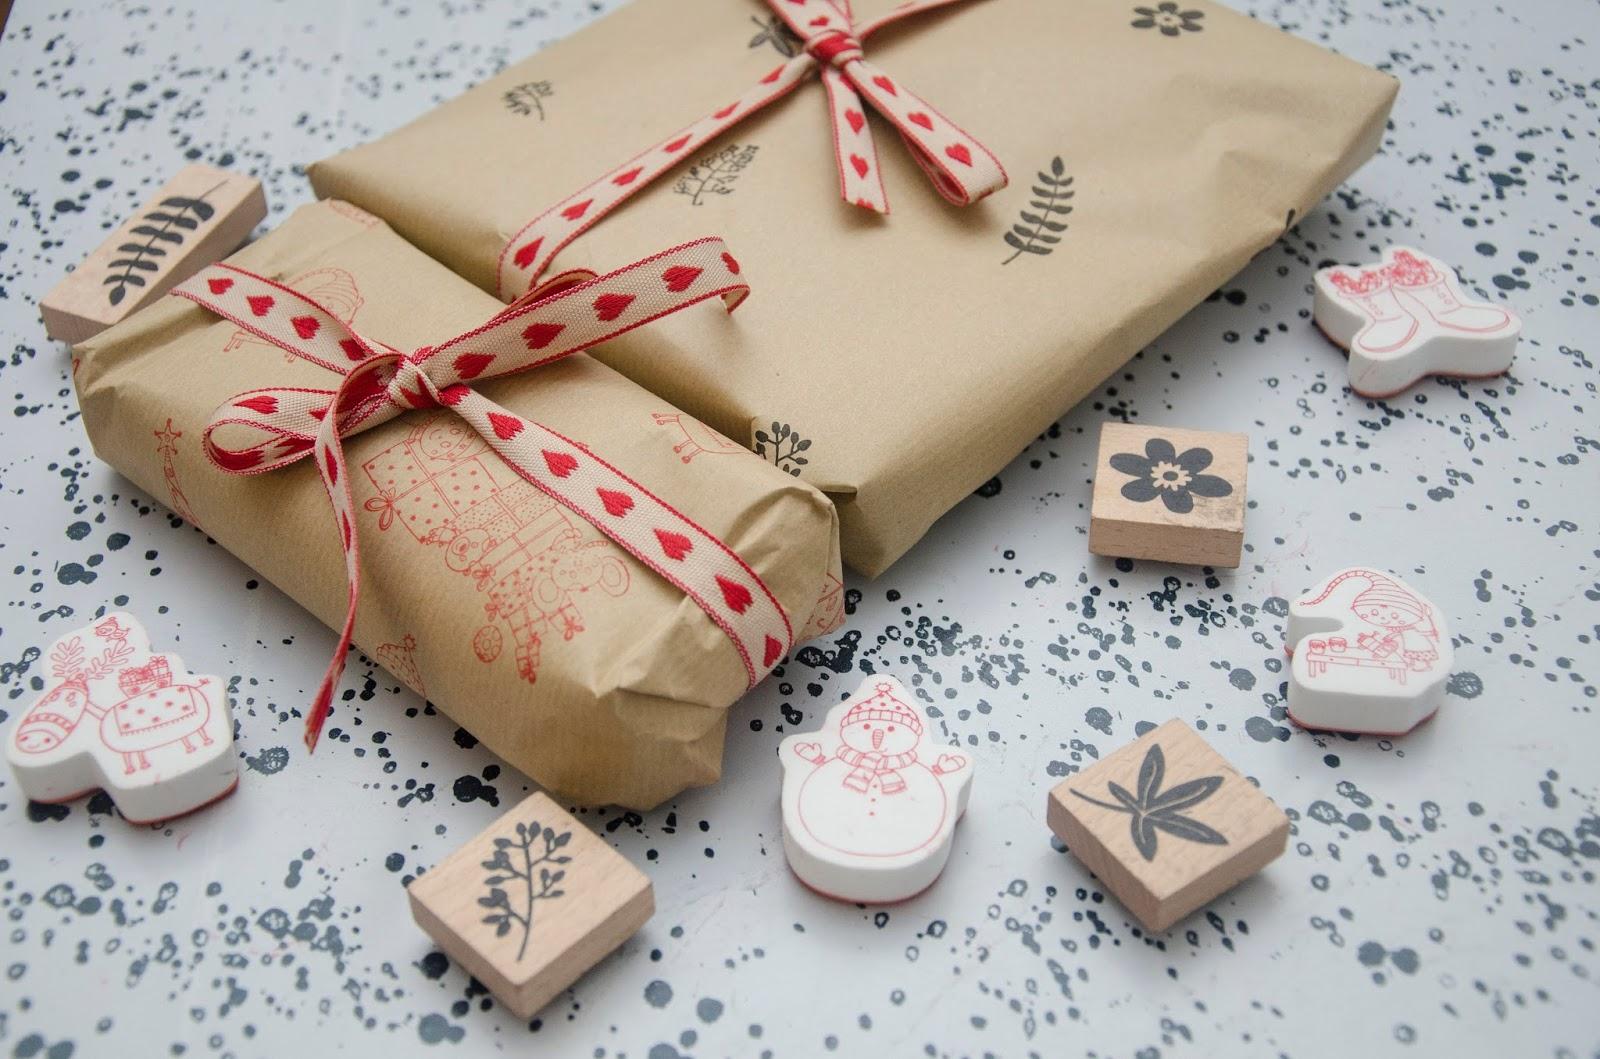 Diy du papier cadeau personnalis no l - Papier cadeau personnalise ...